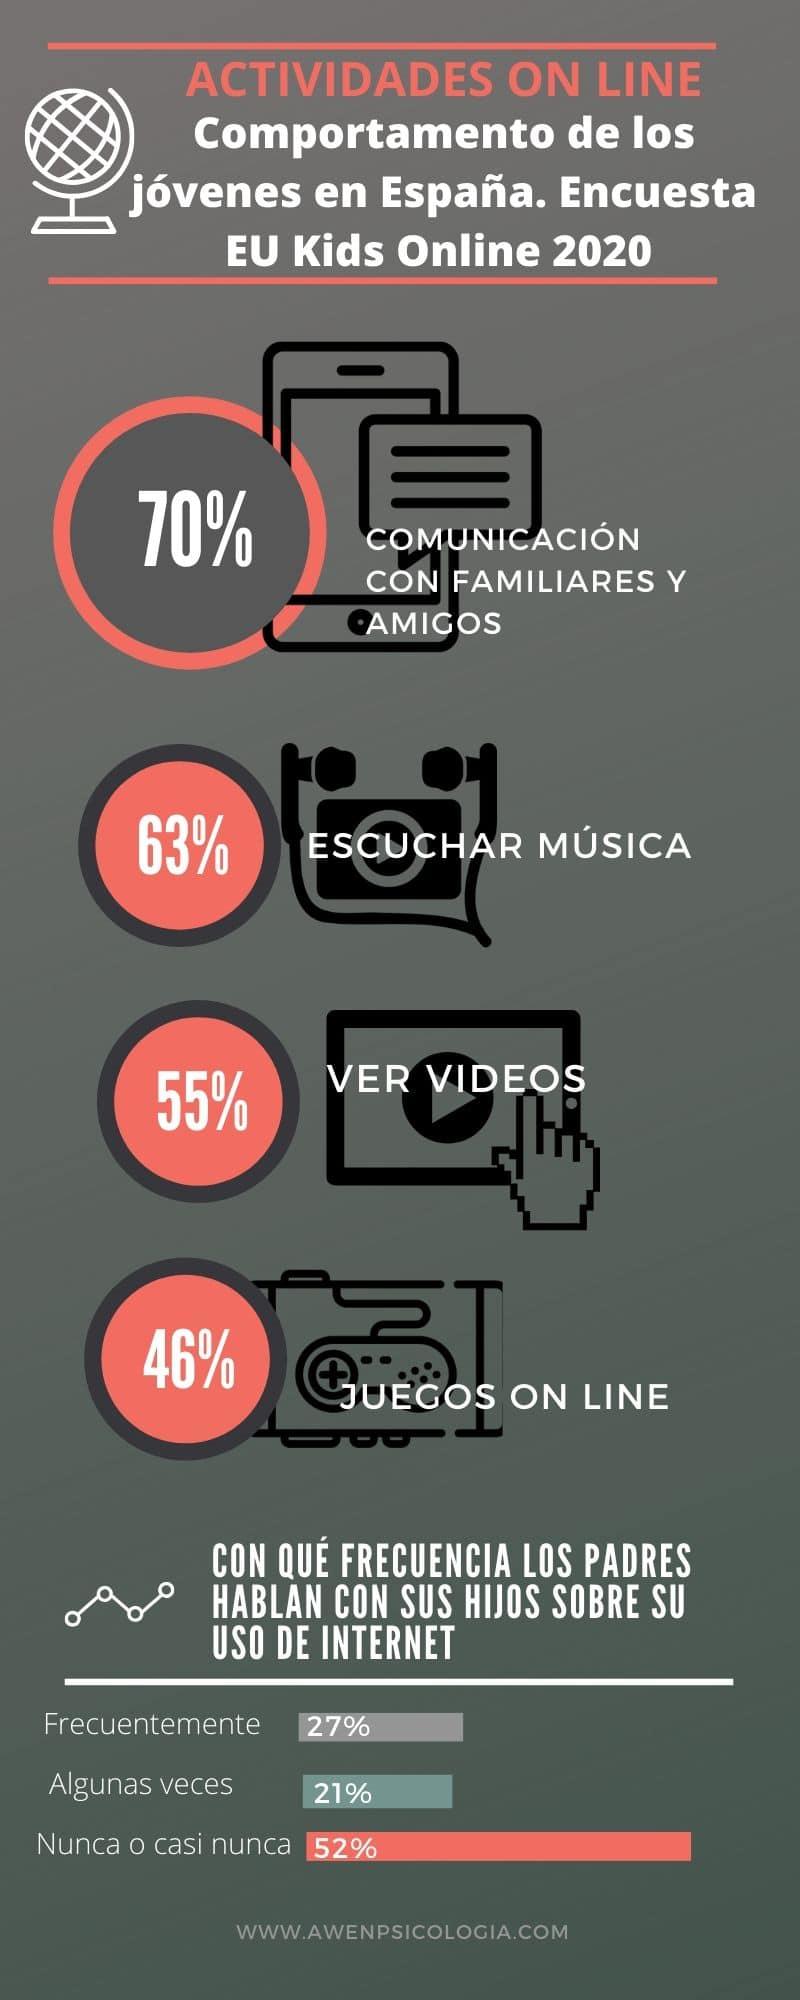 usos-internet-menores